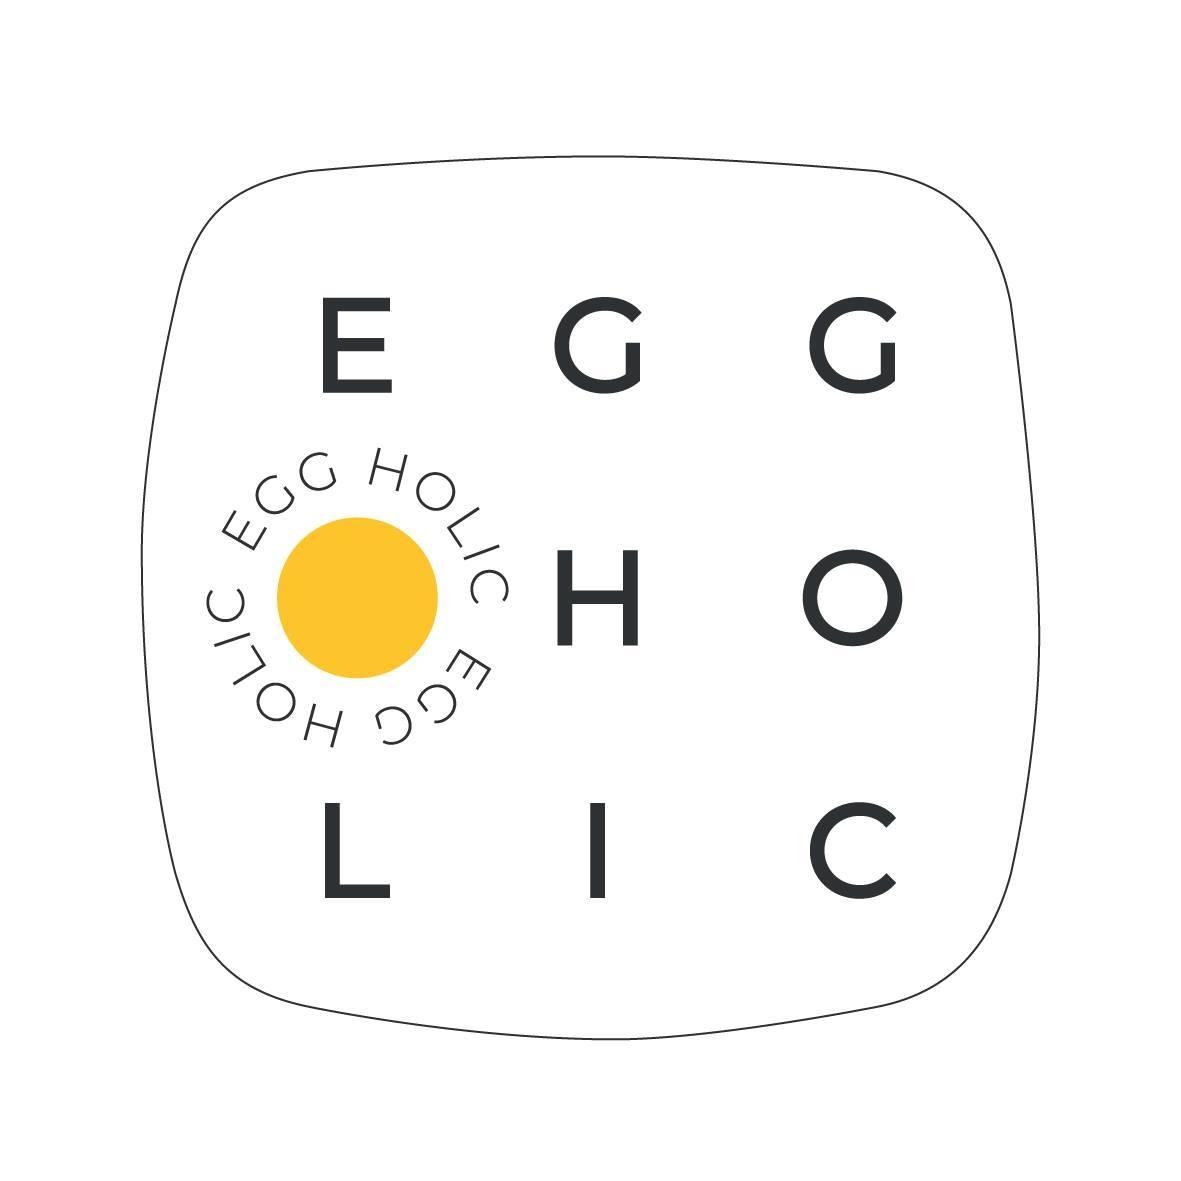 Eggholic logo